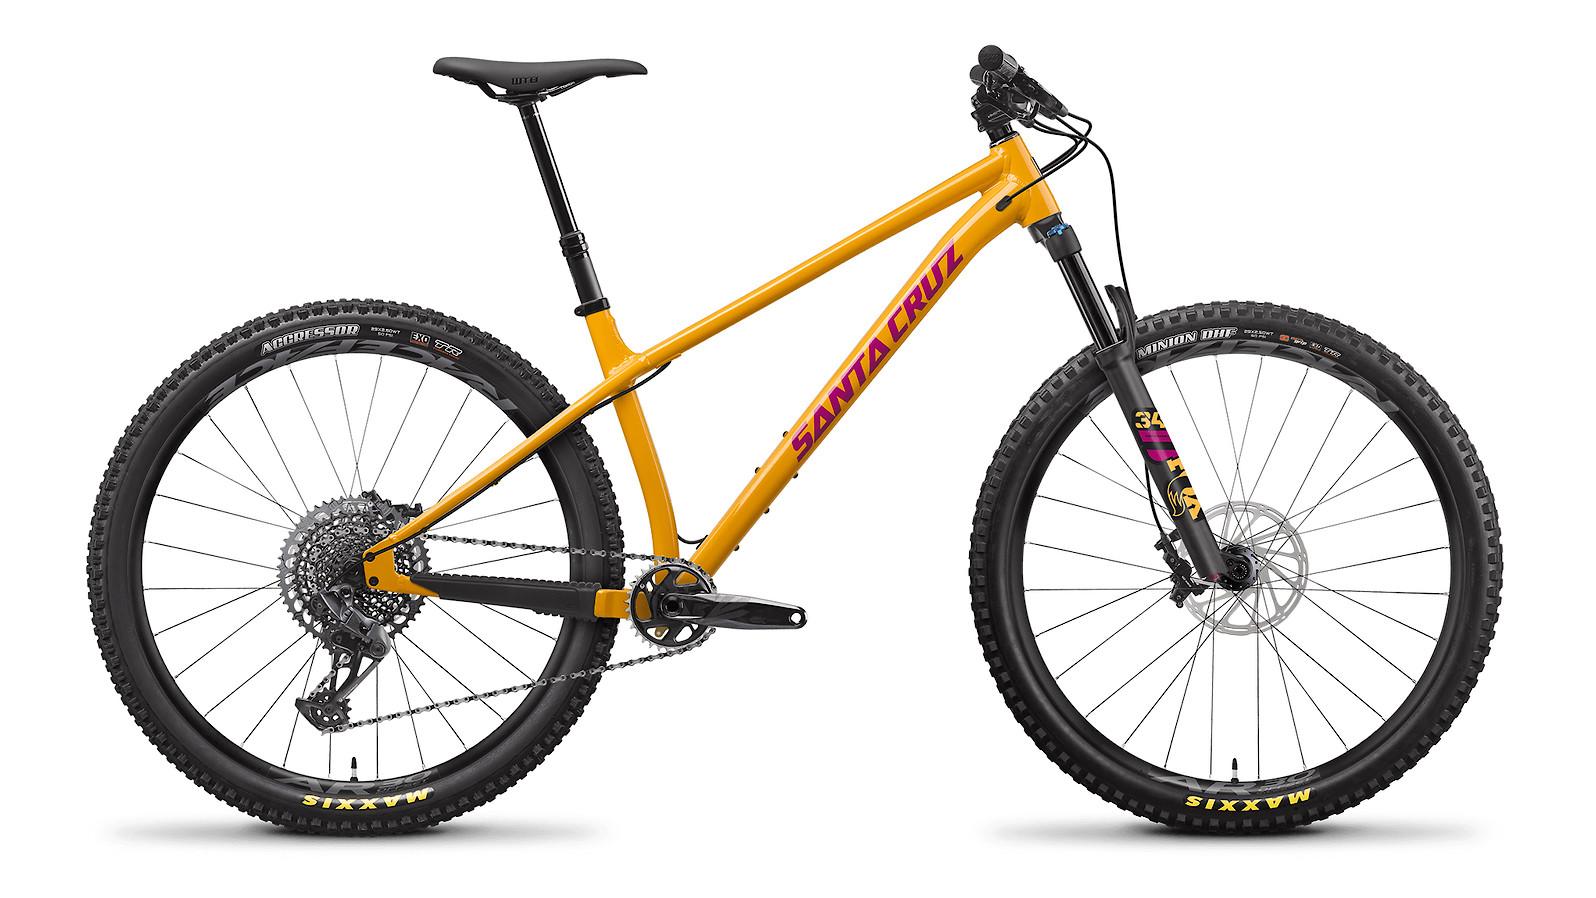 2022 Santa Cruz Chameleon S Aluminum 29 (Golden Yellow)